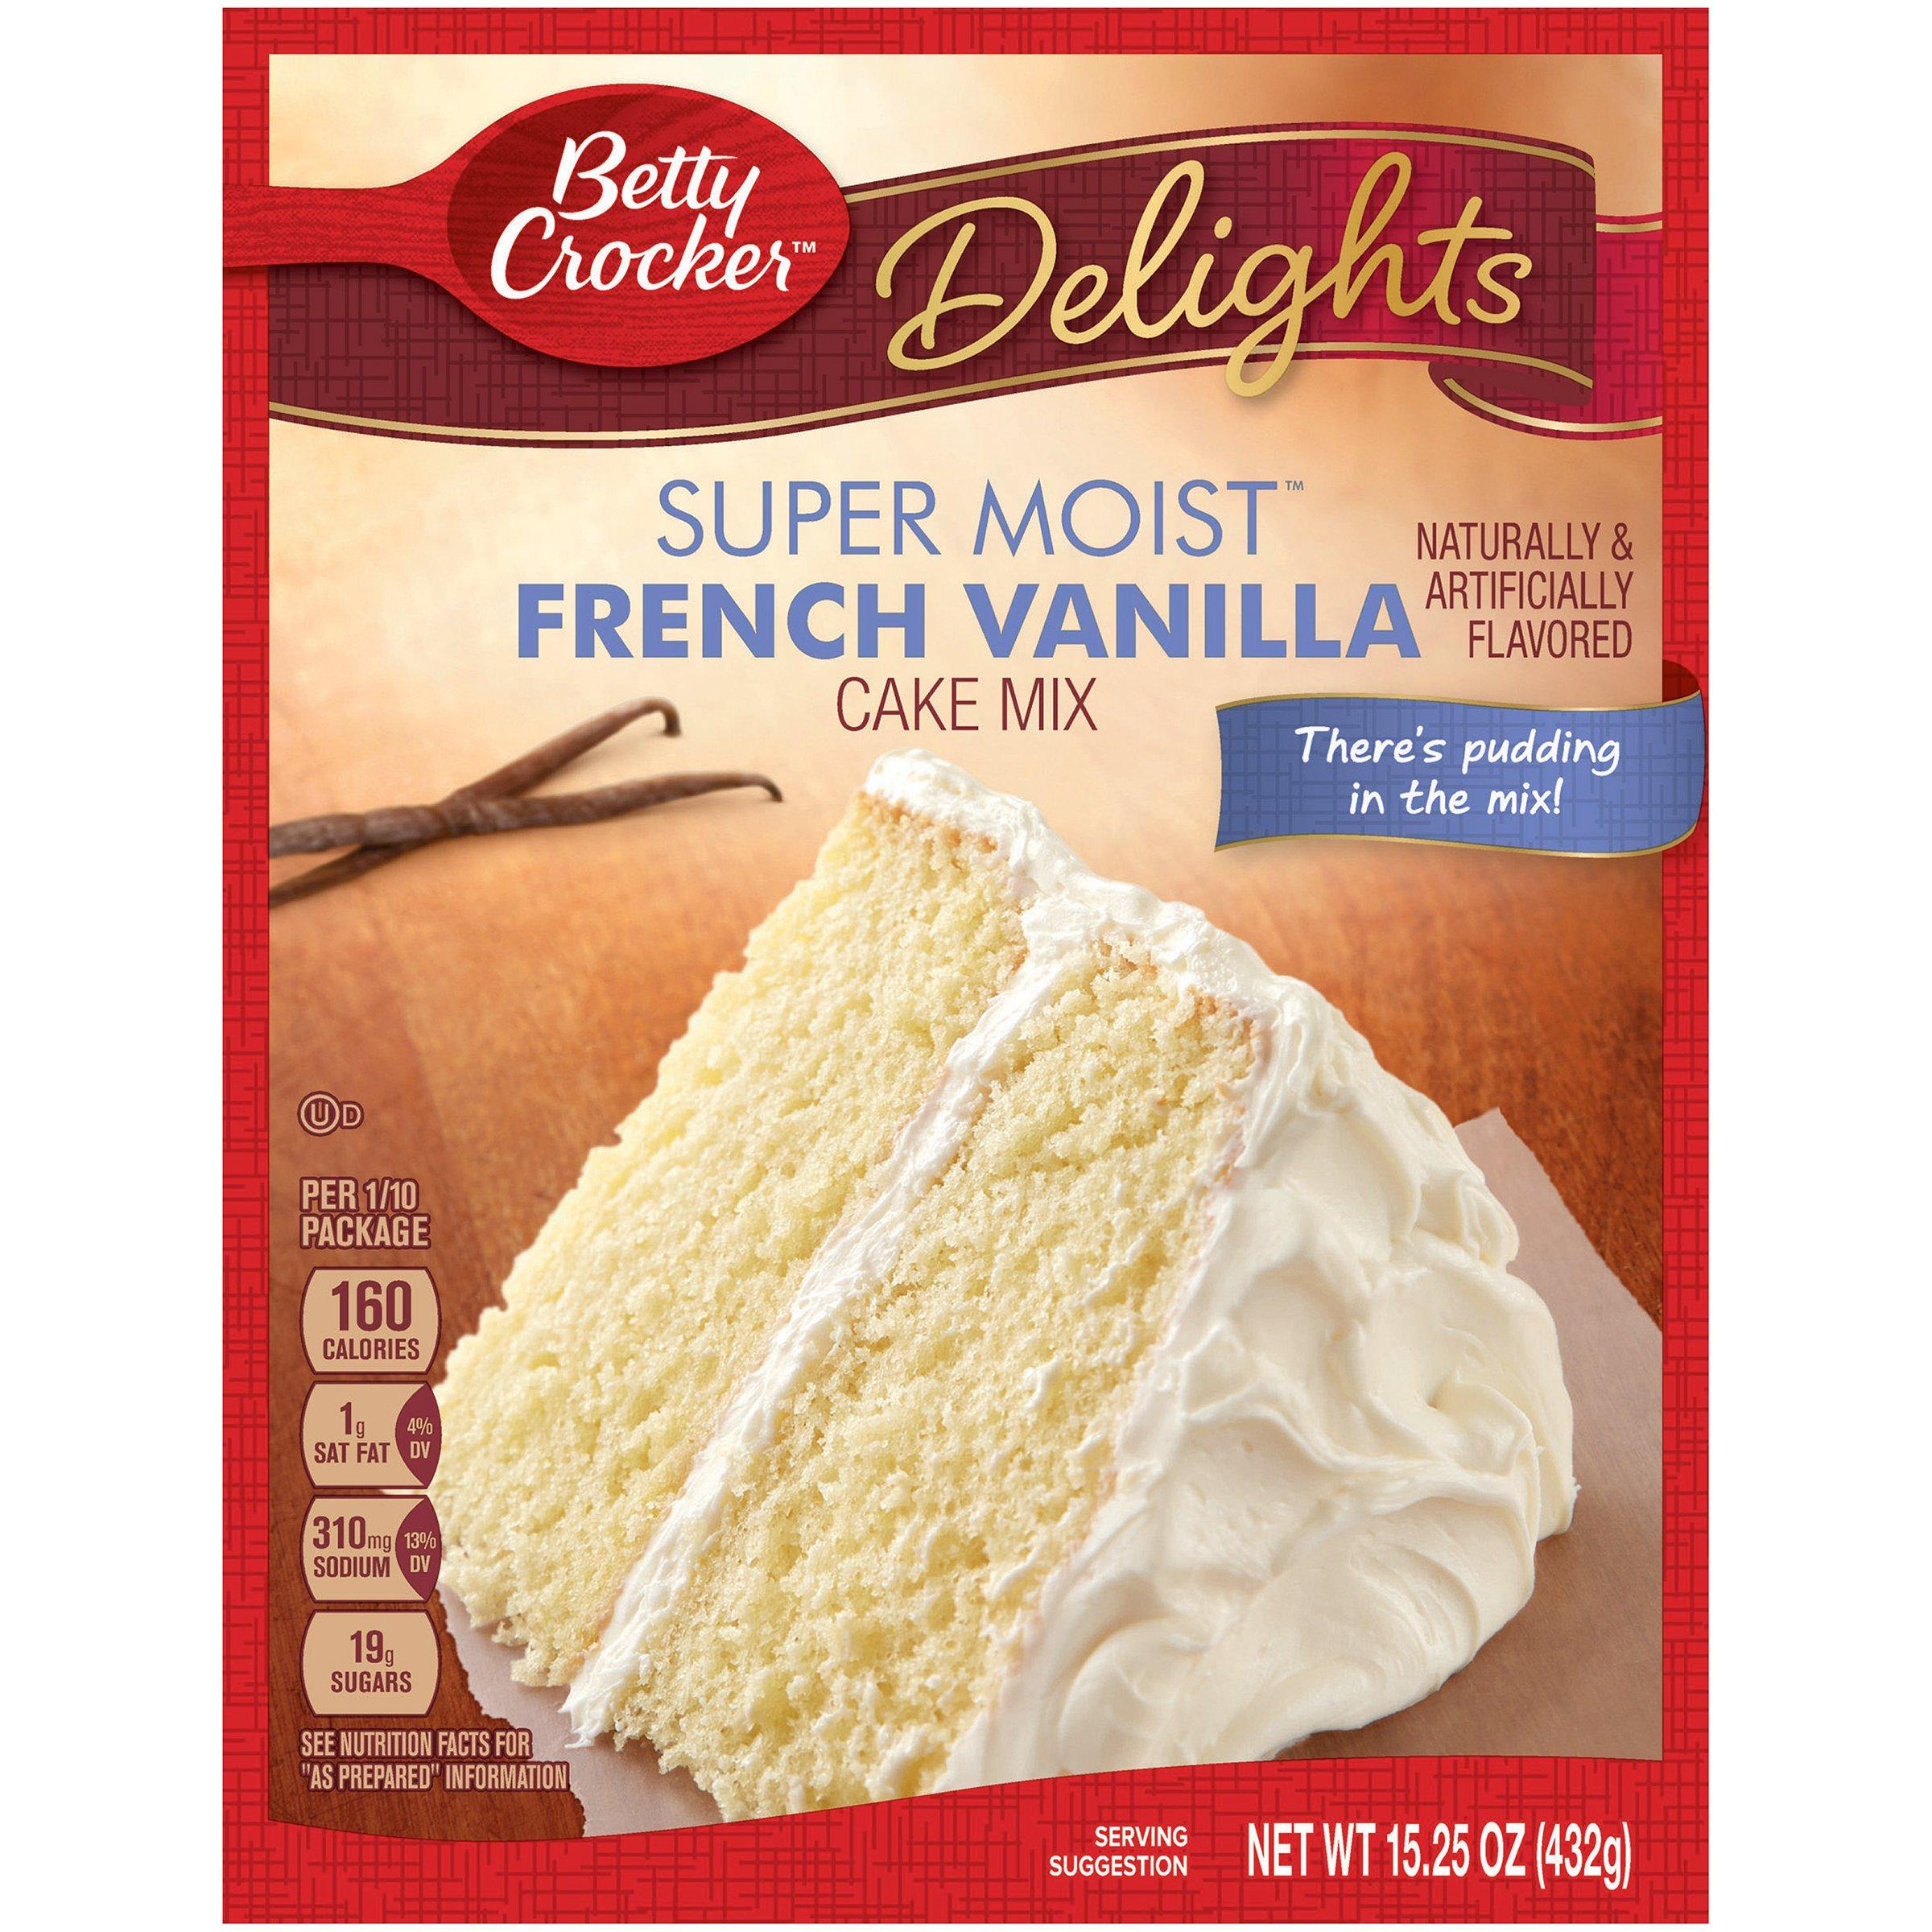 Betty Crocker Baking Mix, Super Moist Cake Mix, French Vanilla, 15.25 Oz Box